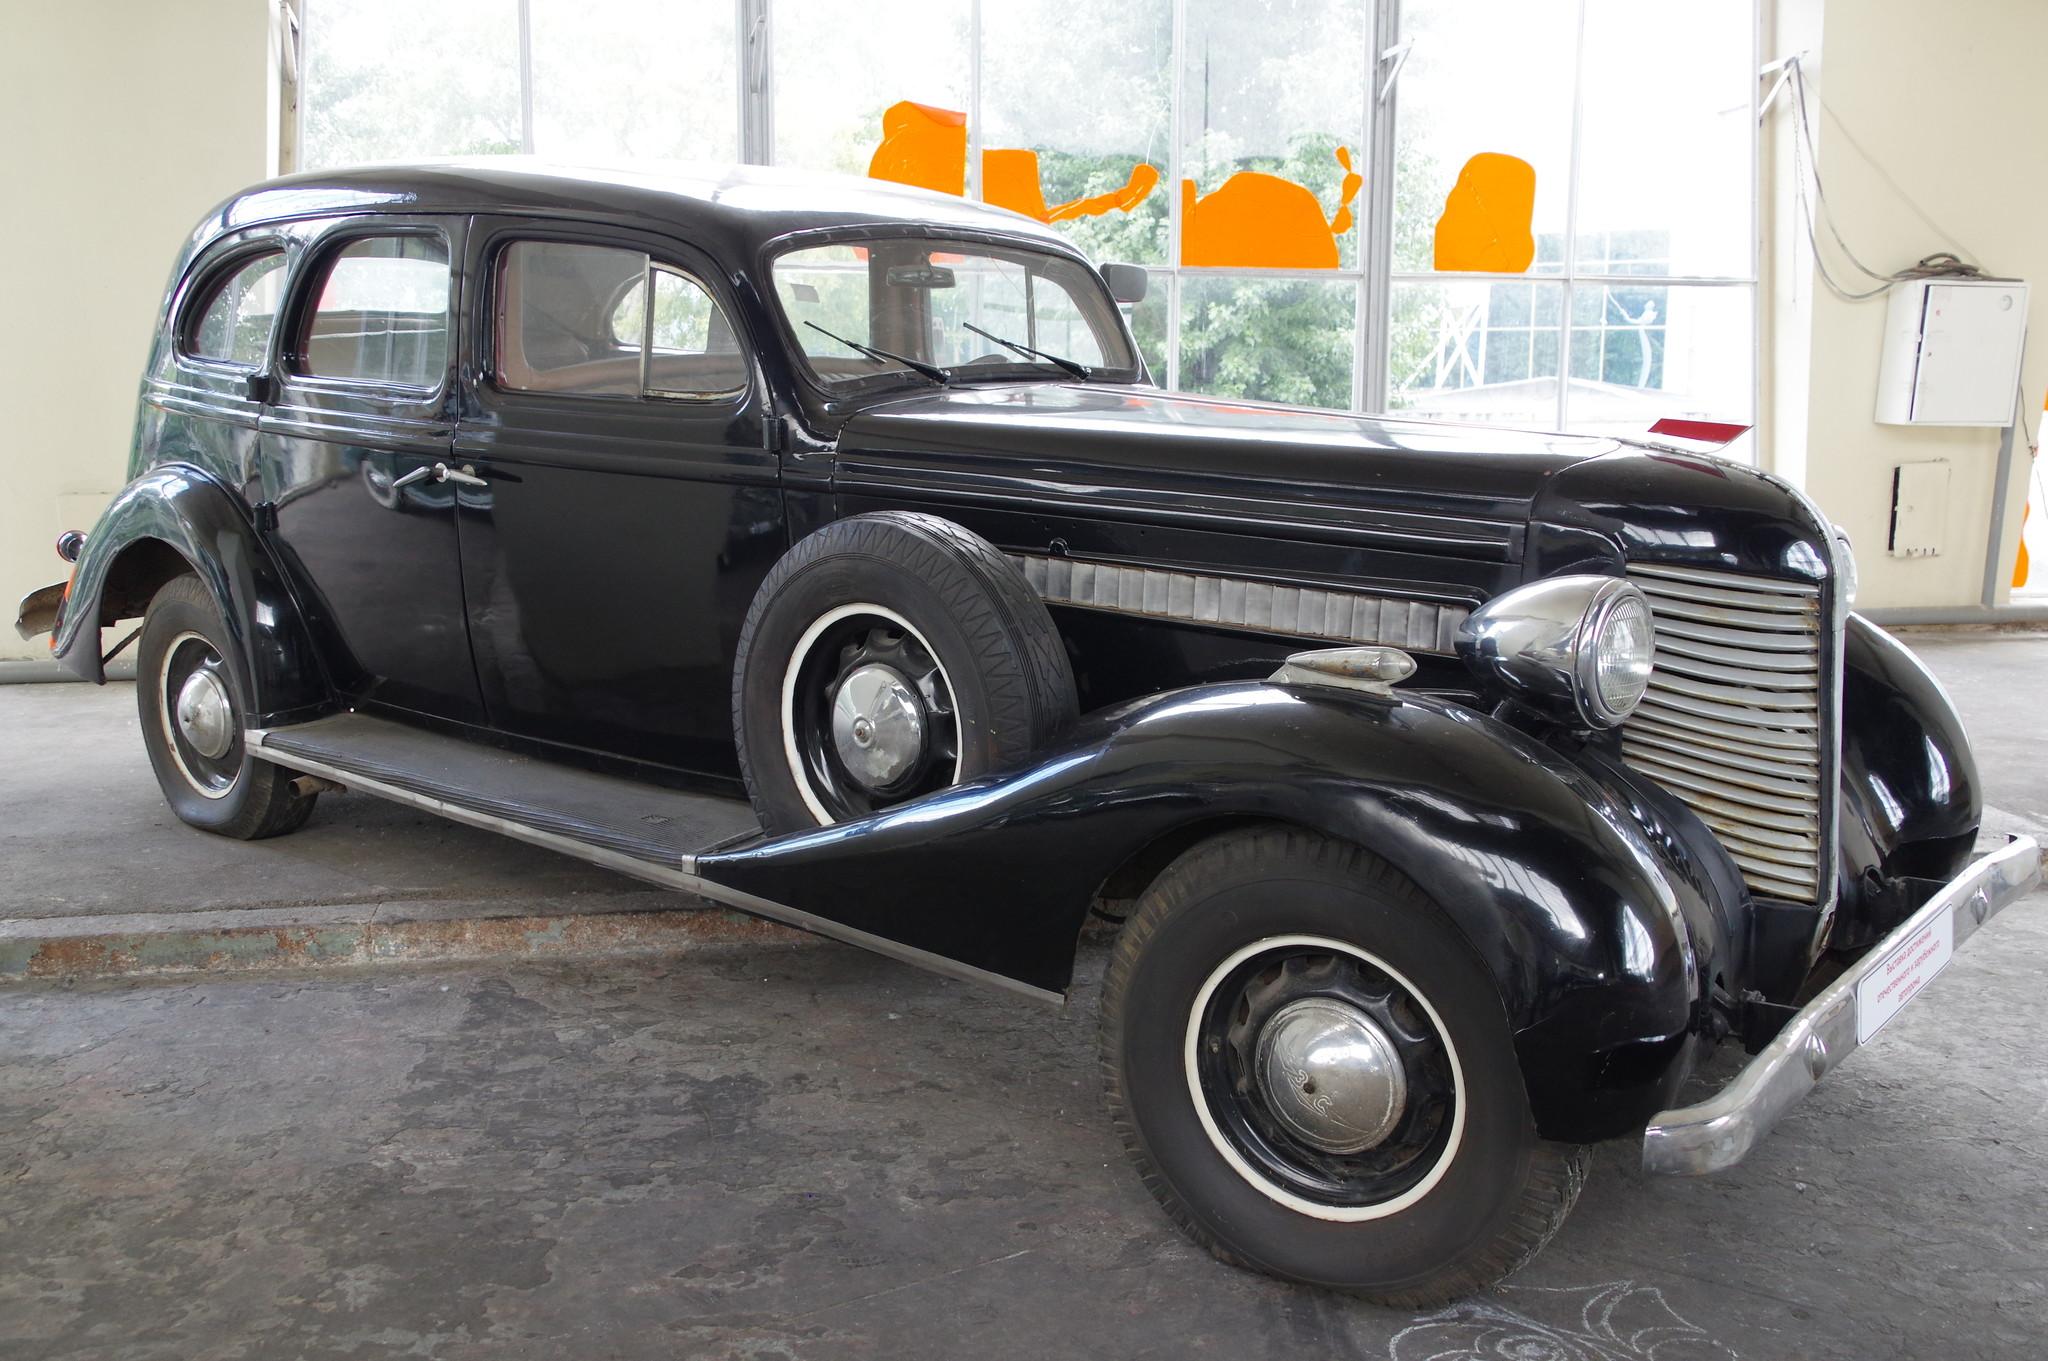 тоже как выглядел автомобиль зис фото представлены